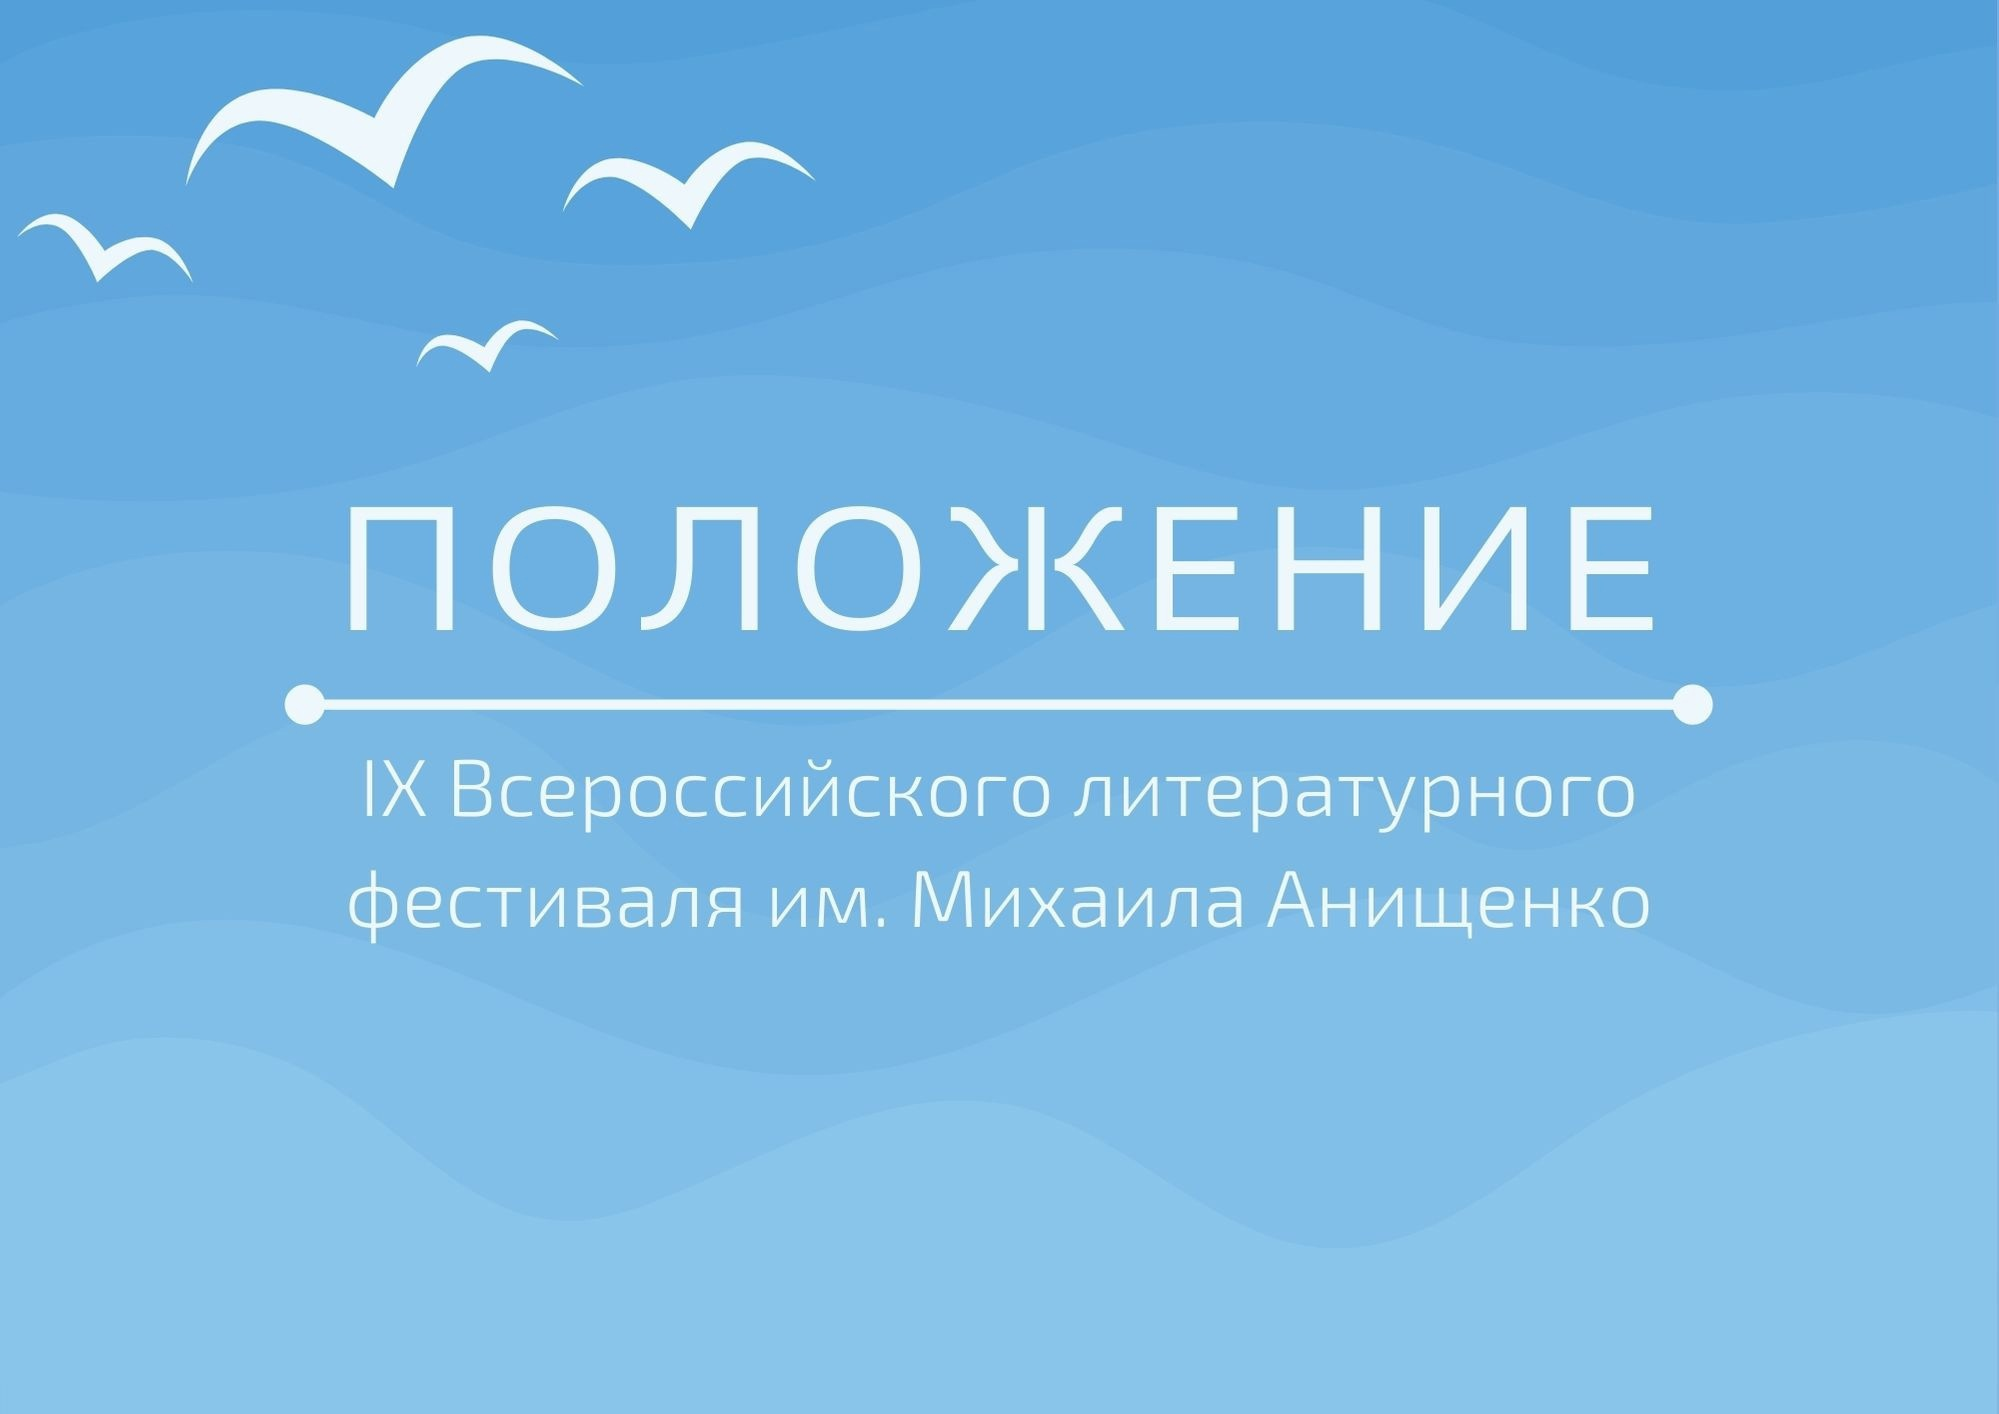 Фестиваль Анищенко принимает заявки